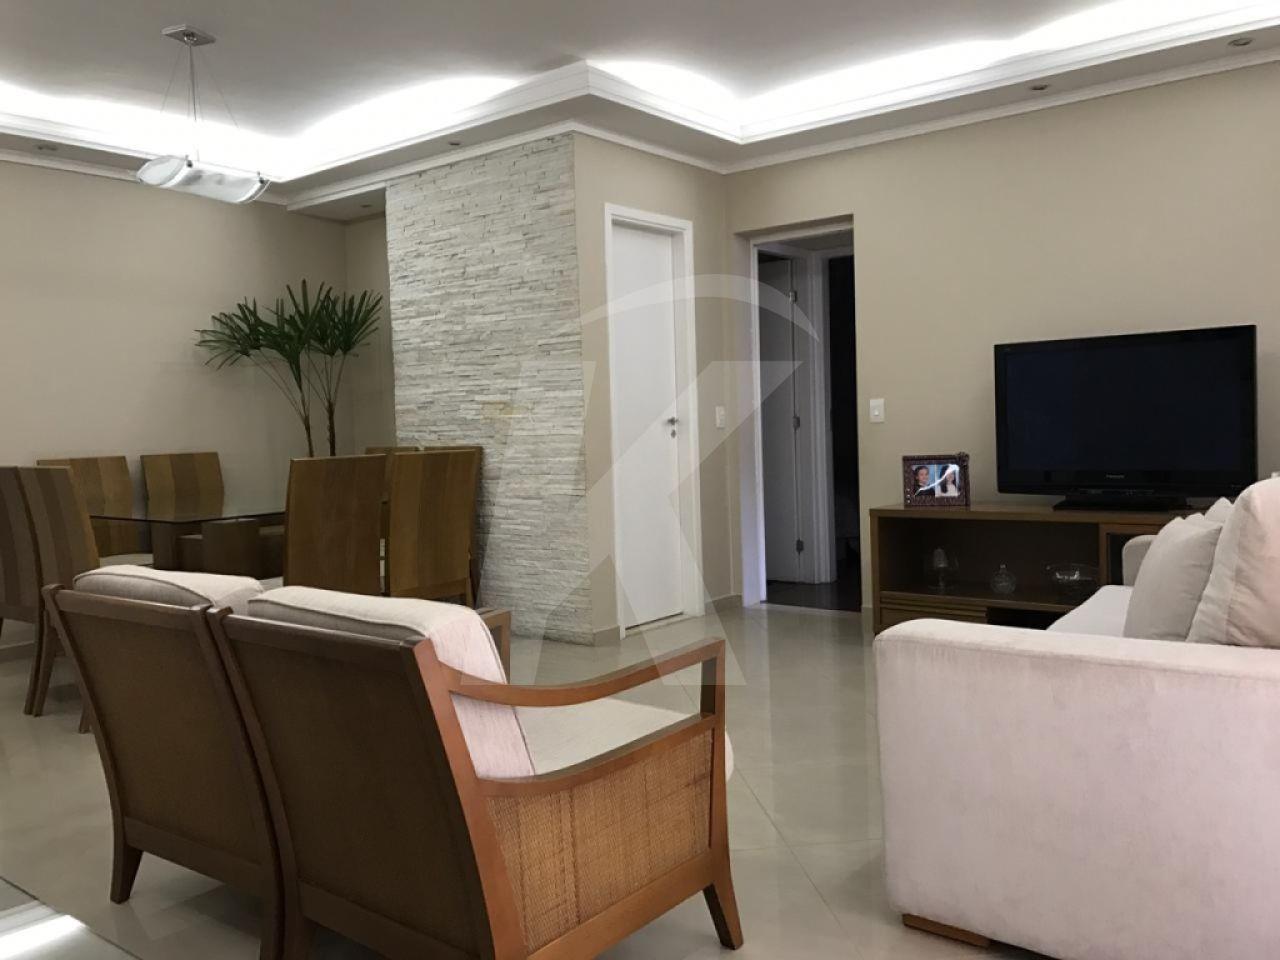 Comprar - Apartamento - Santa Teresinha - 3 dormitórios.